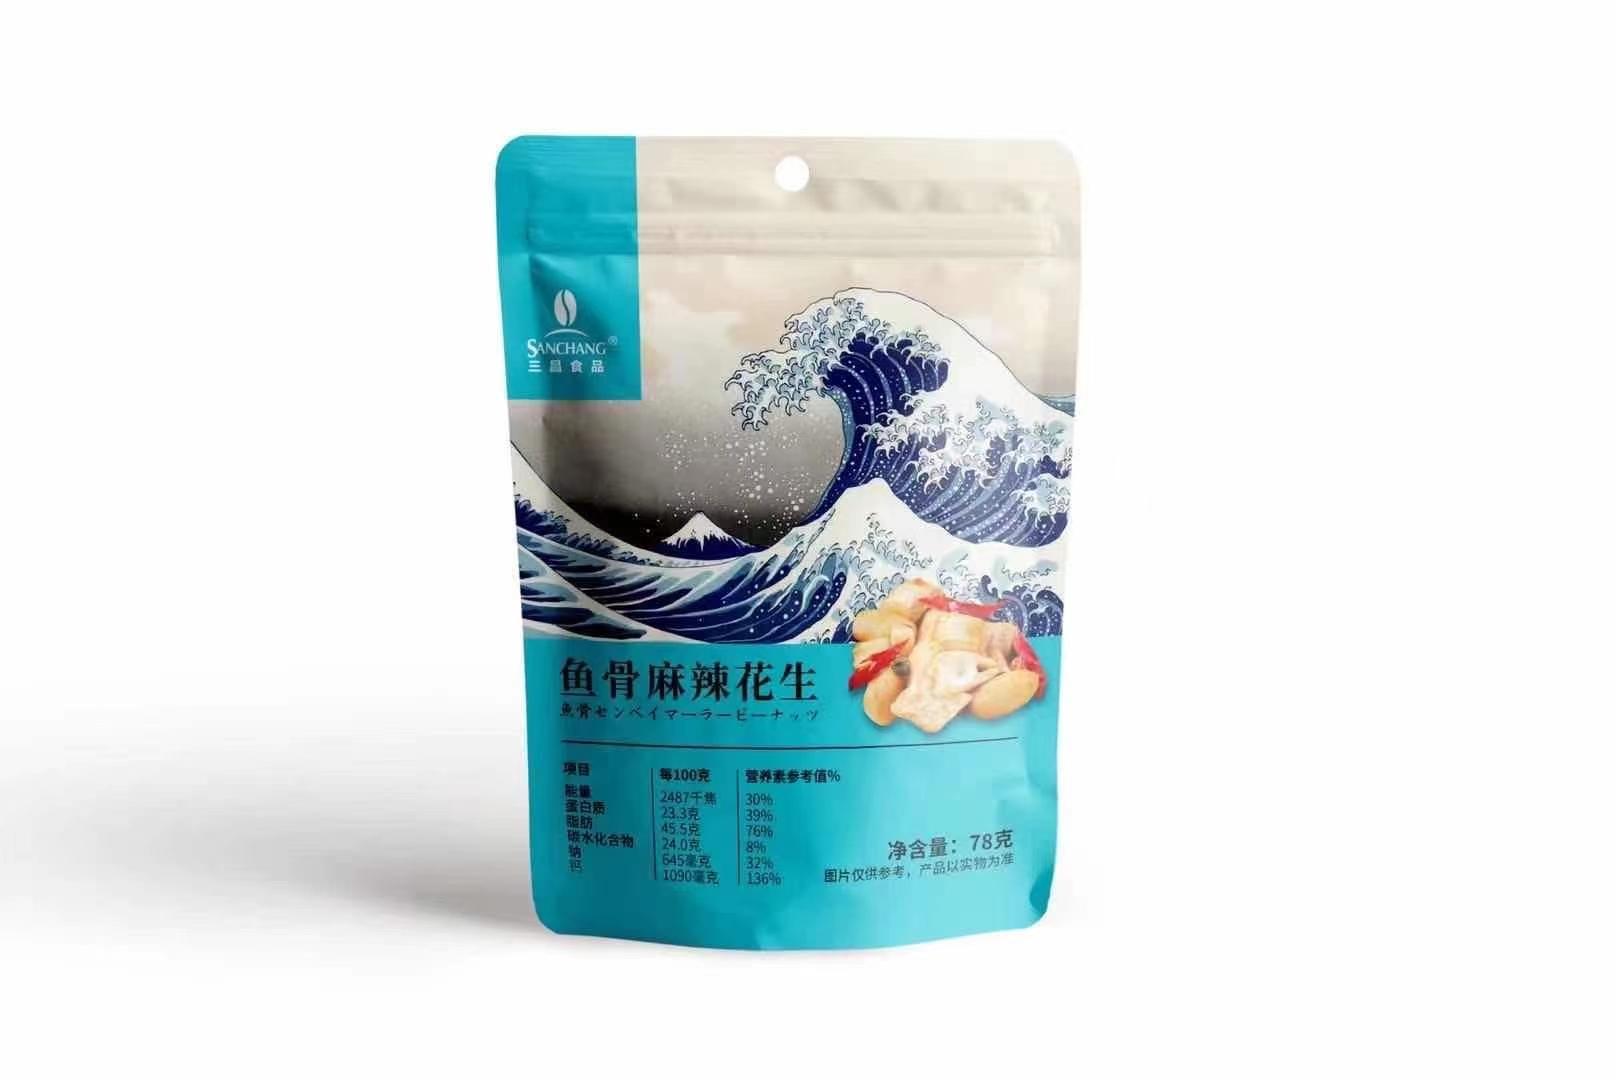 海鲜麻辣花生 4